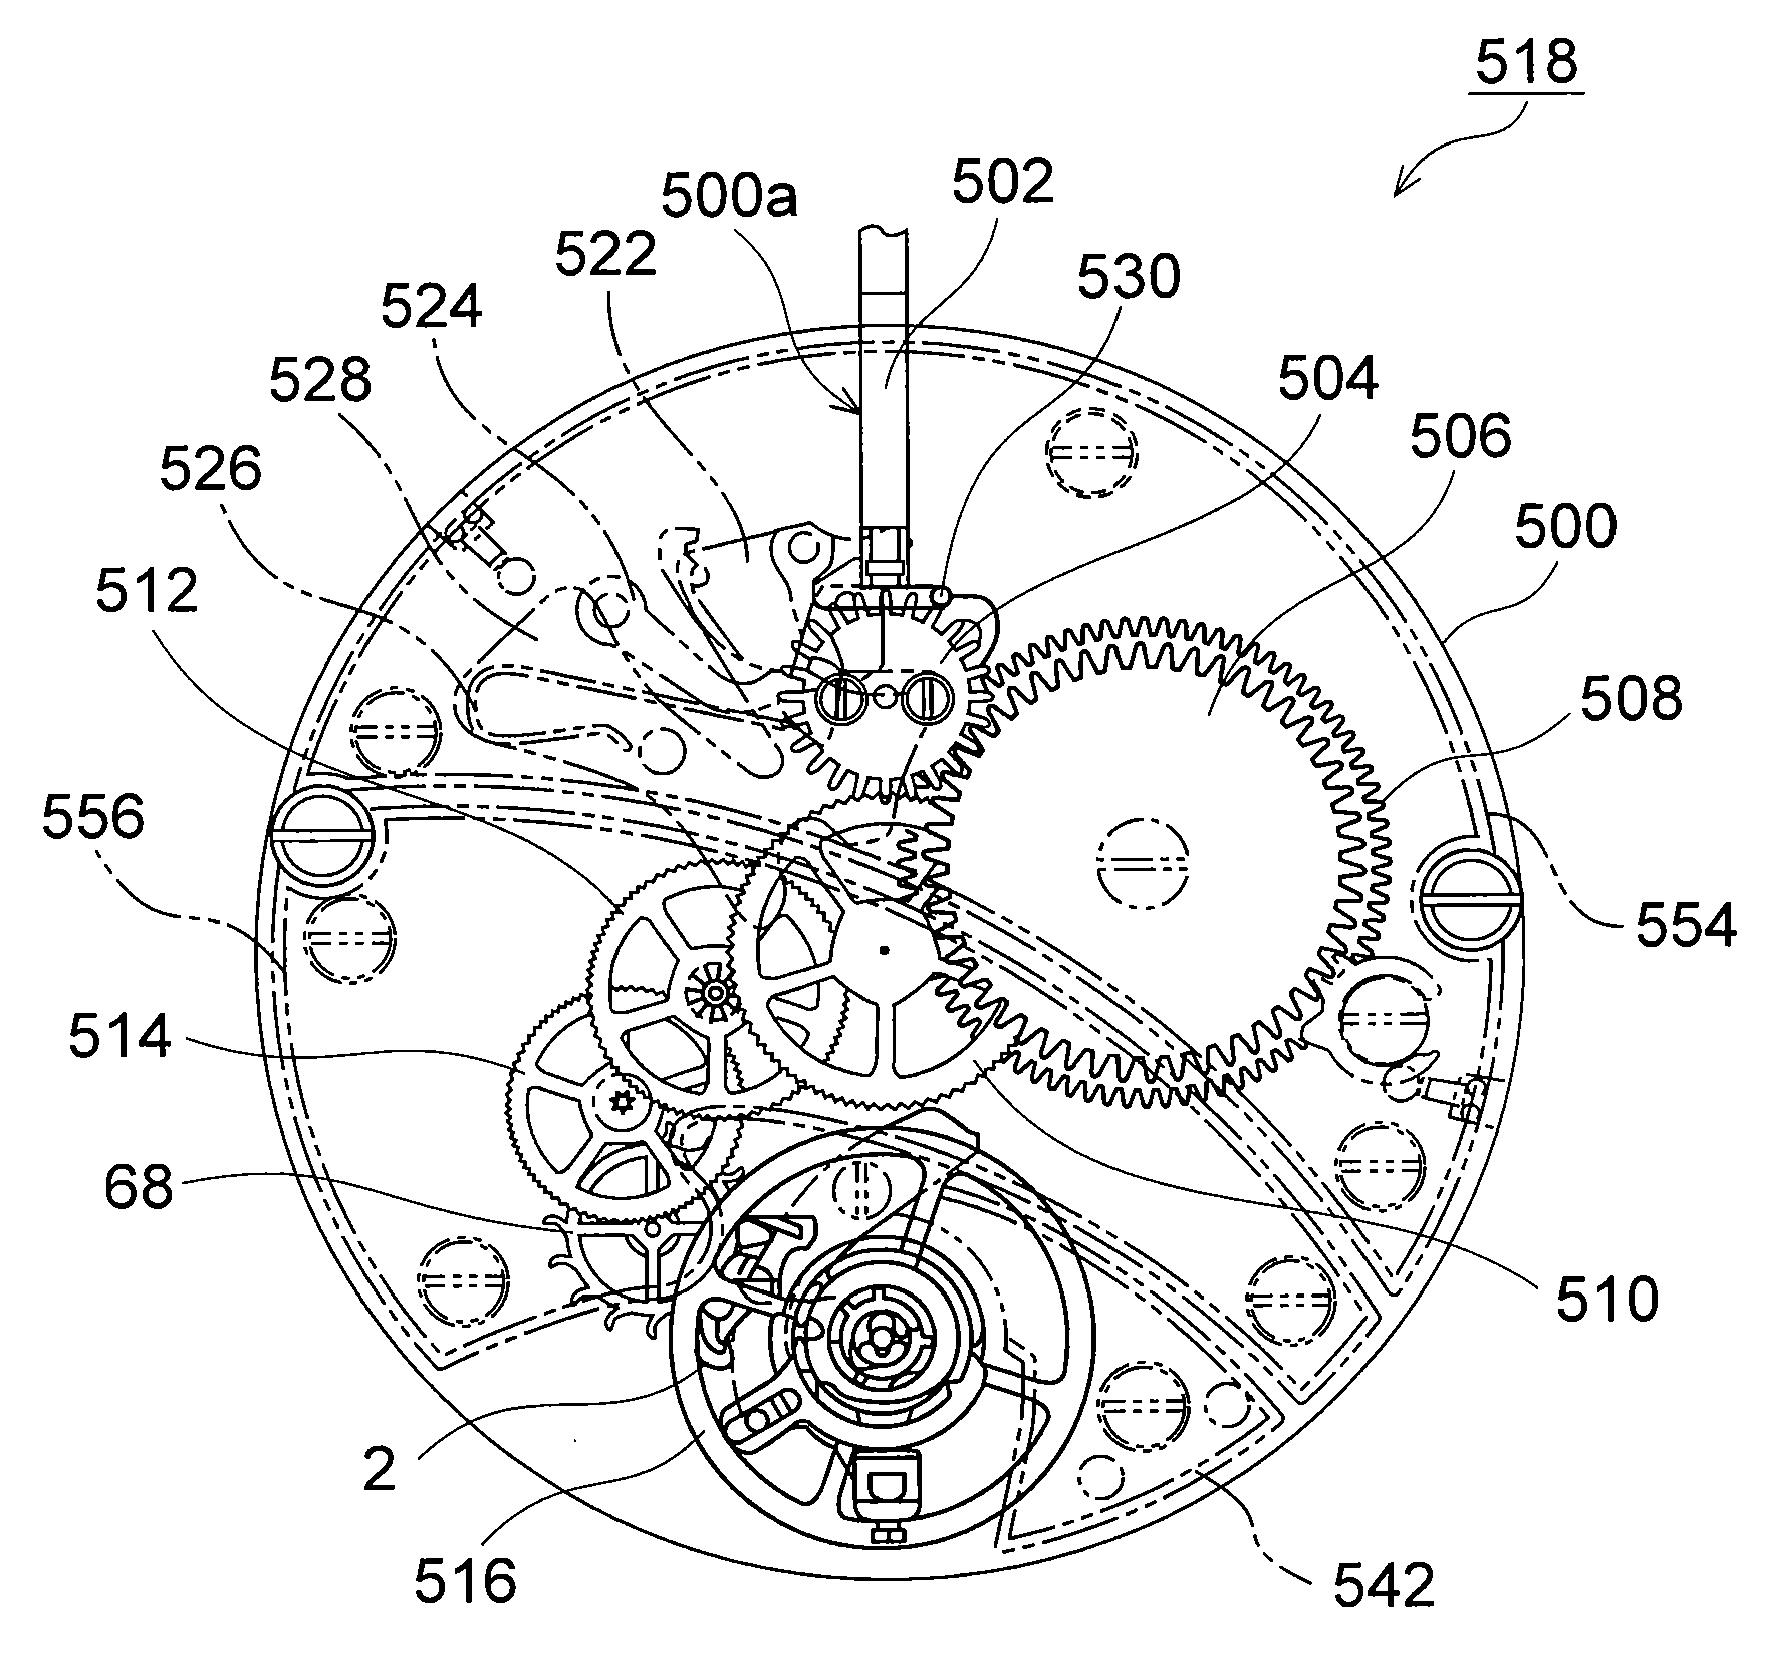 patent us20100208555